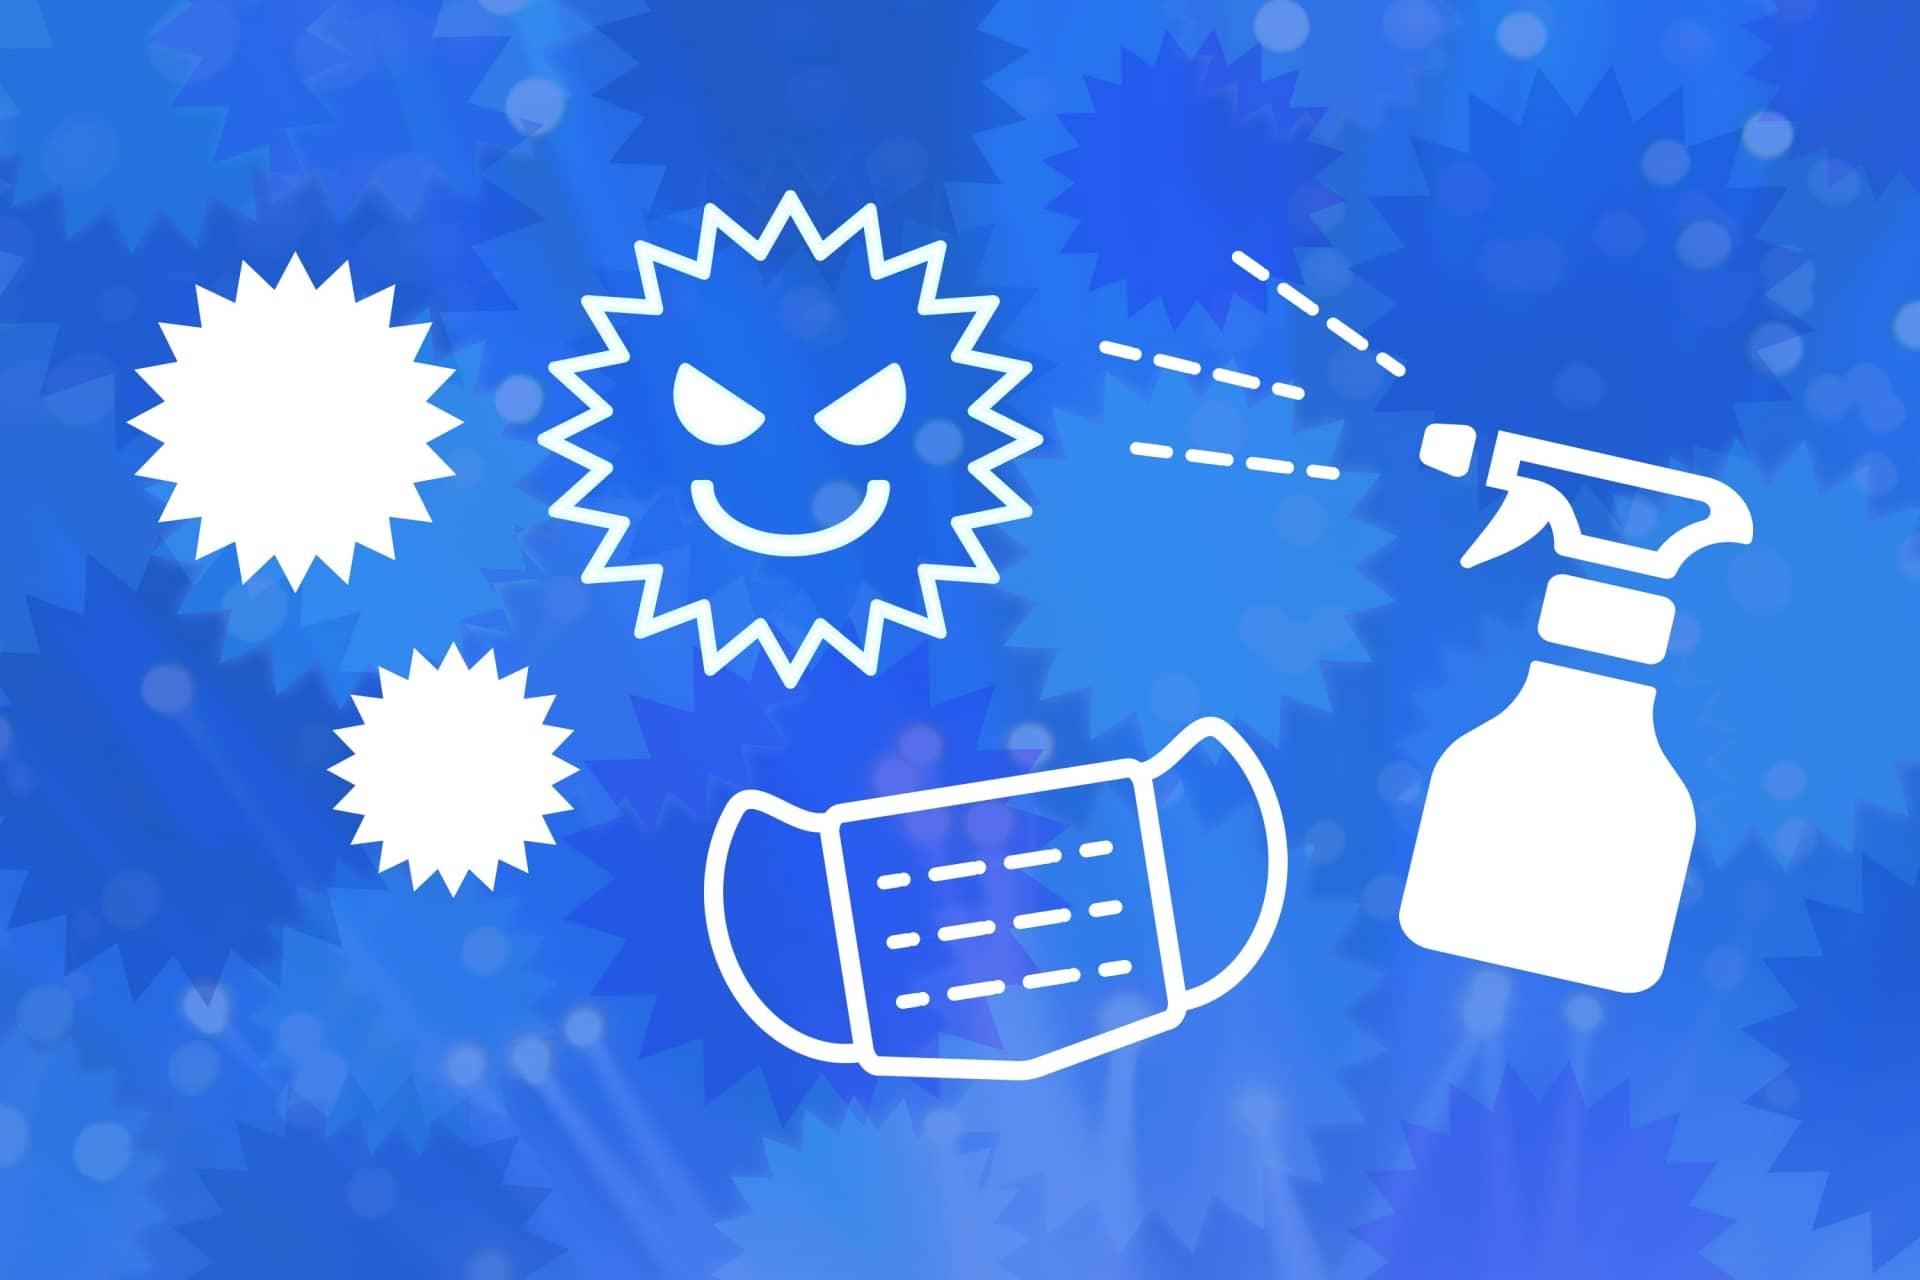 企業が取るべき新型コロナウイルス対策を再確認!感染拡大から従業員を守る